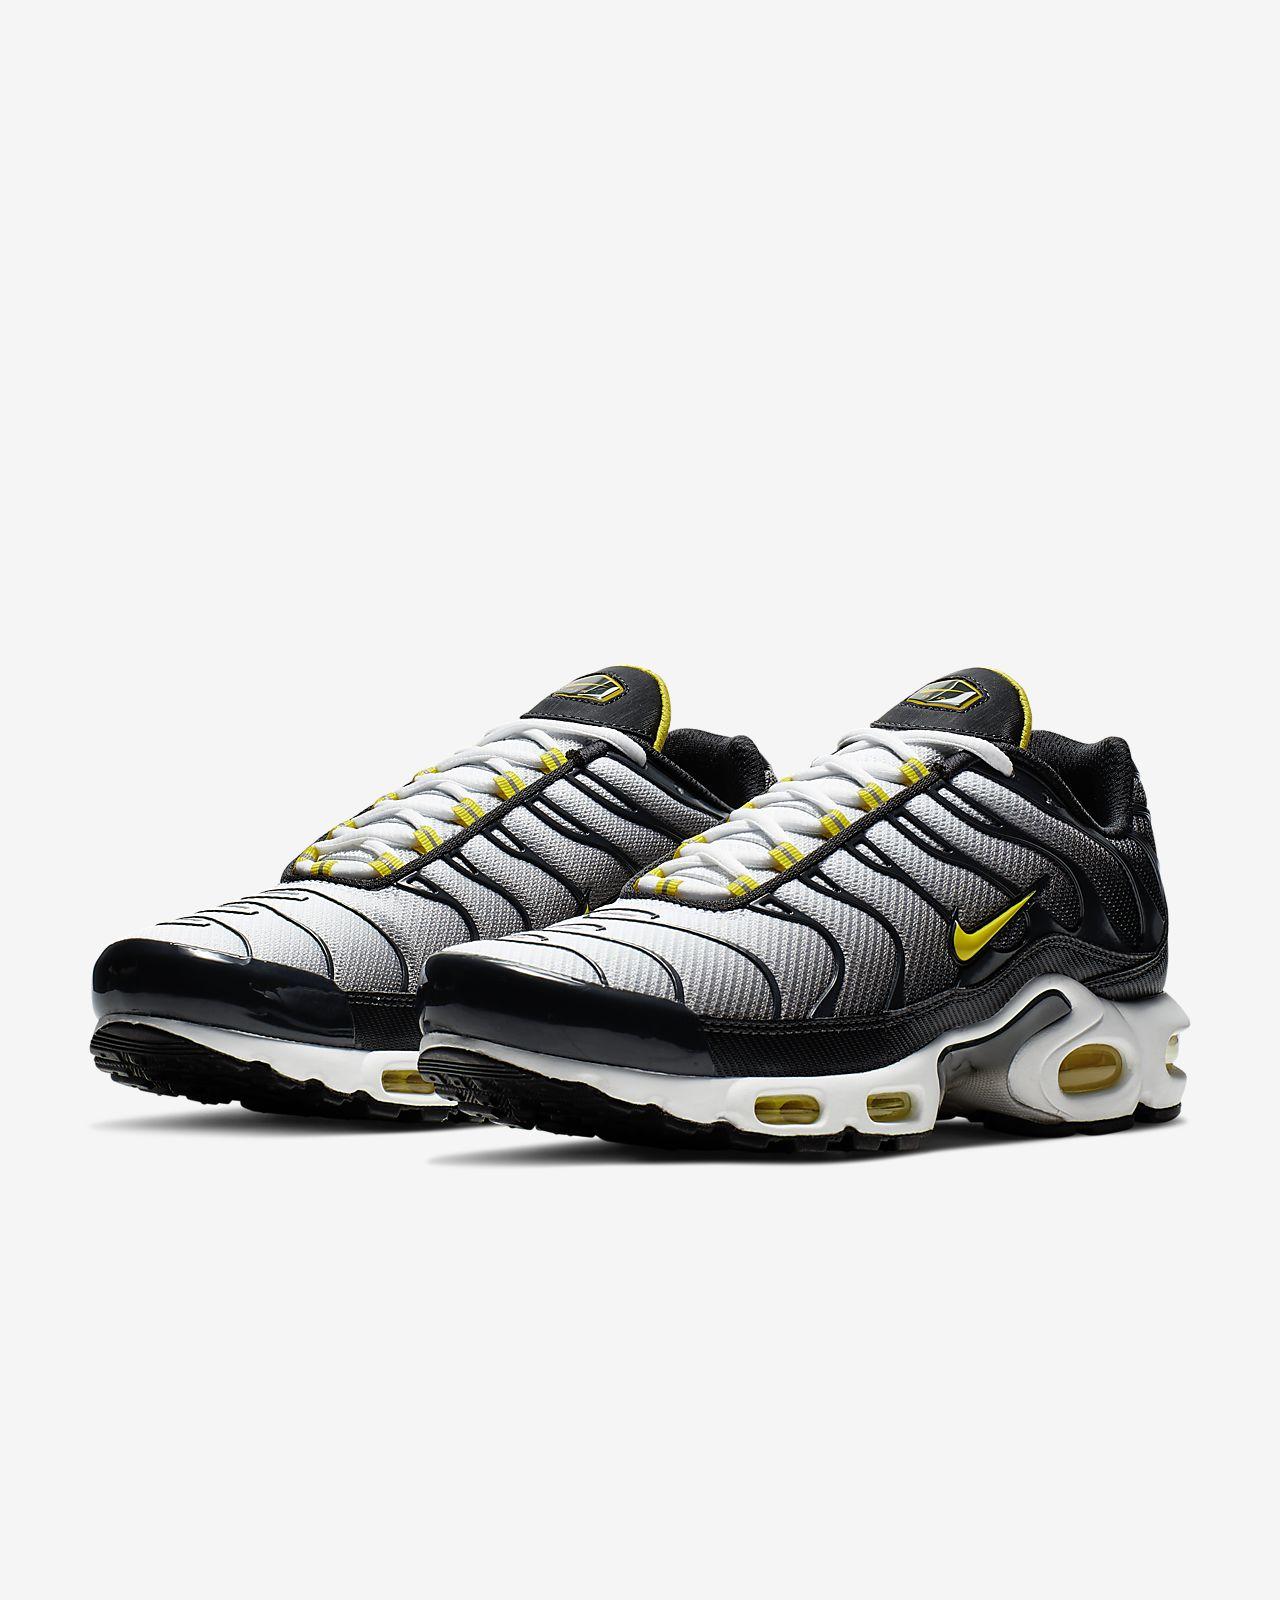 Nike Air Max Plus (Anthracite Opti Yellow White)